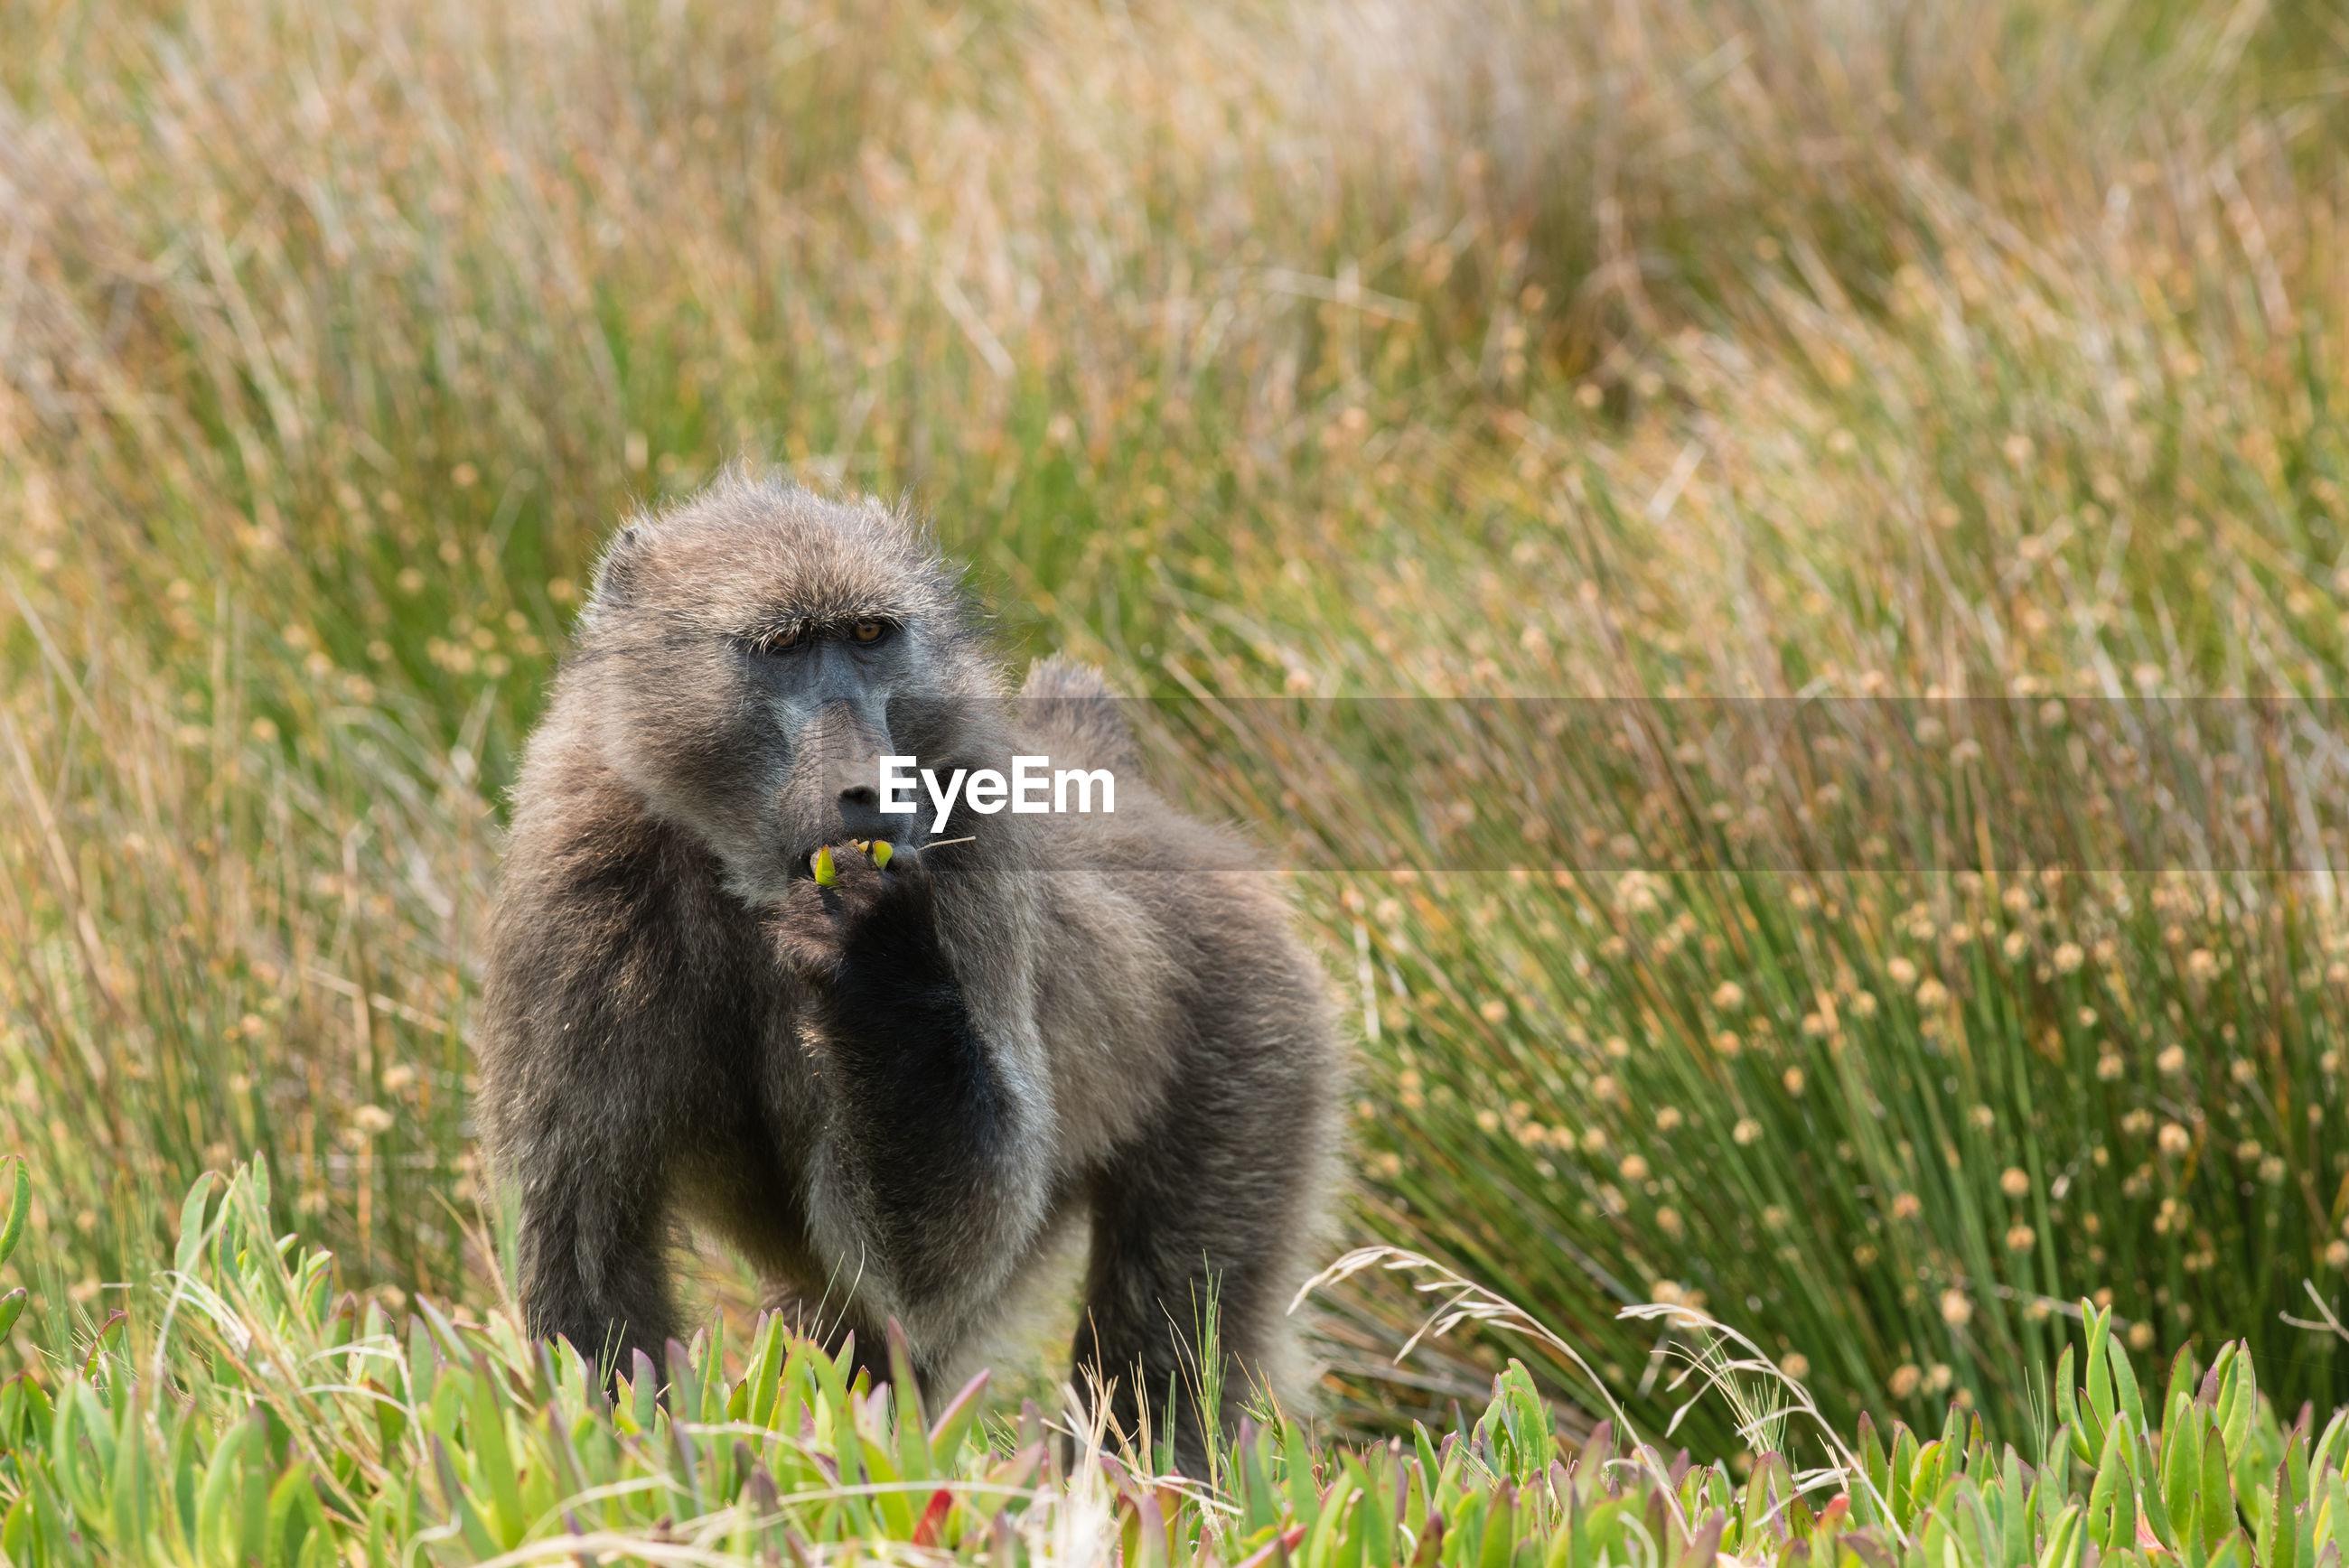 Monkey amidst plants on field